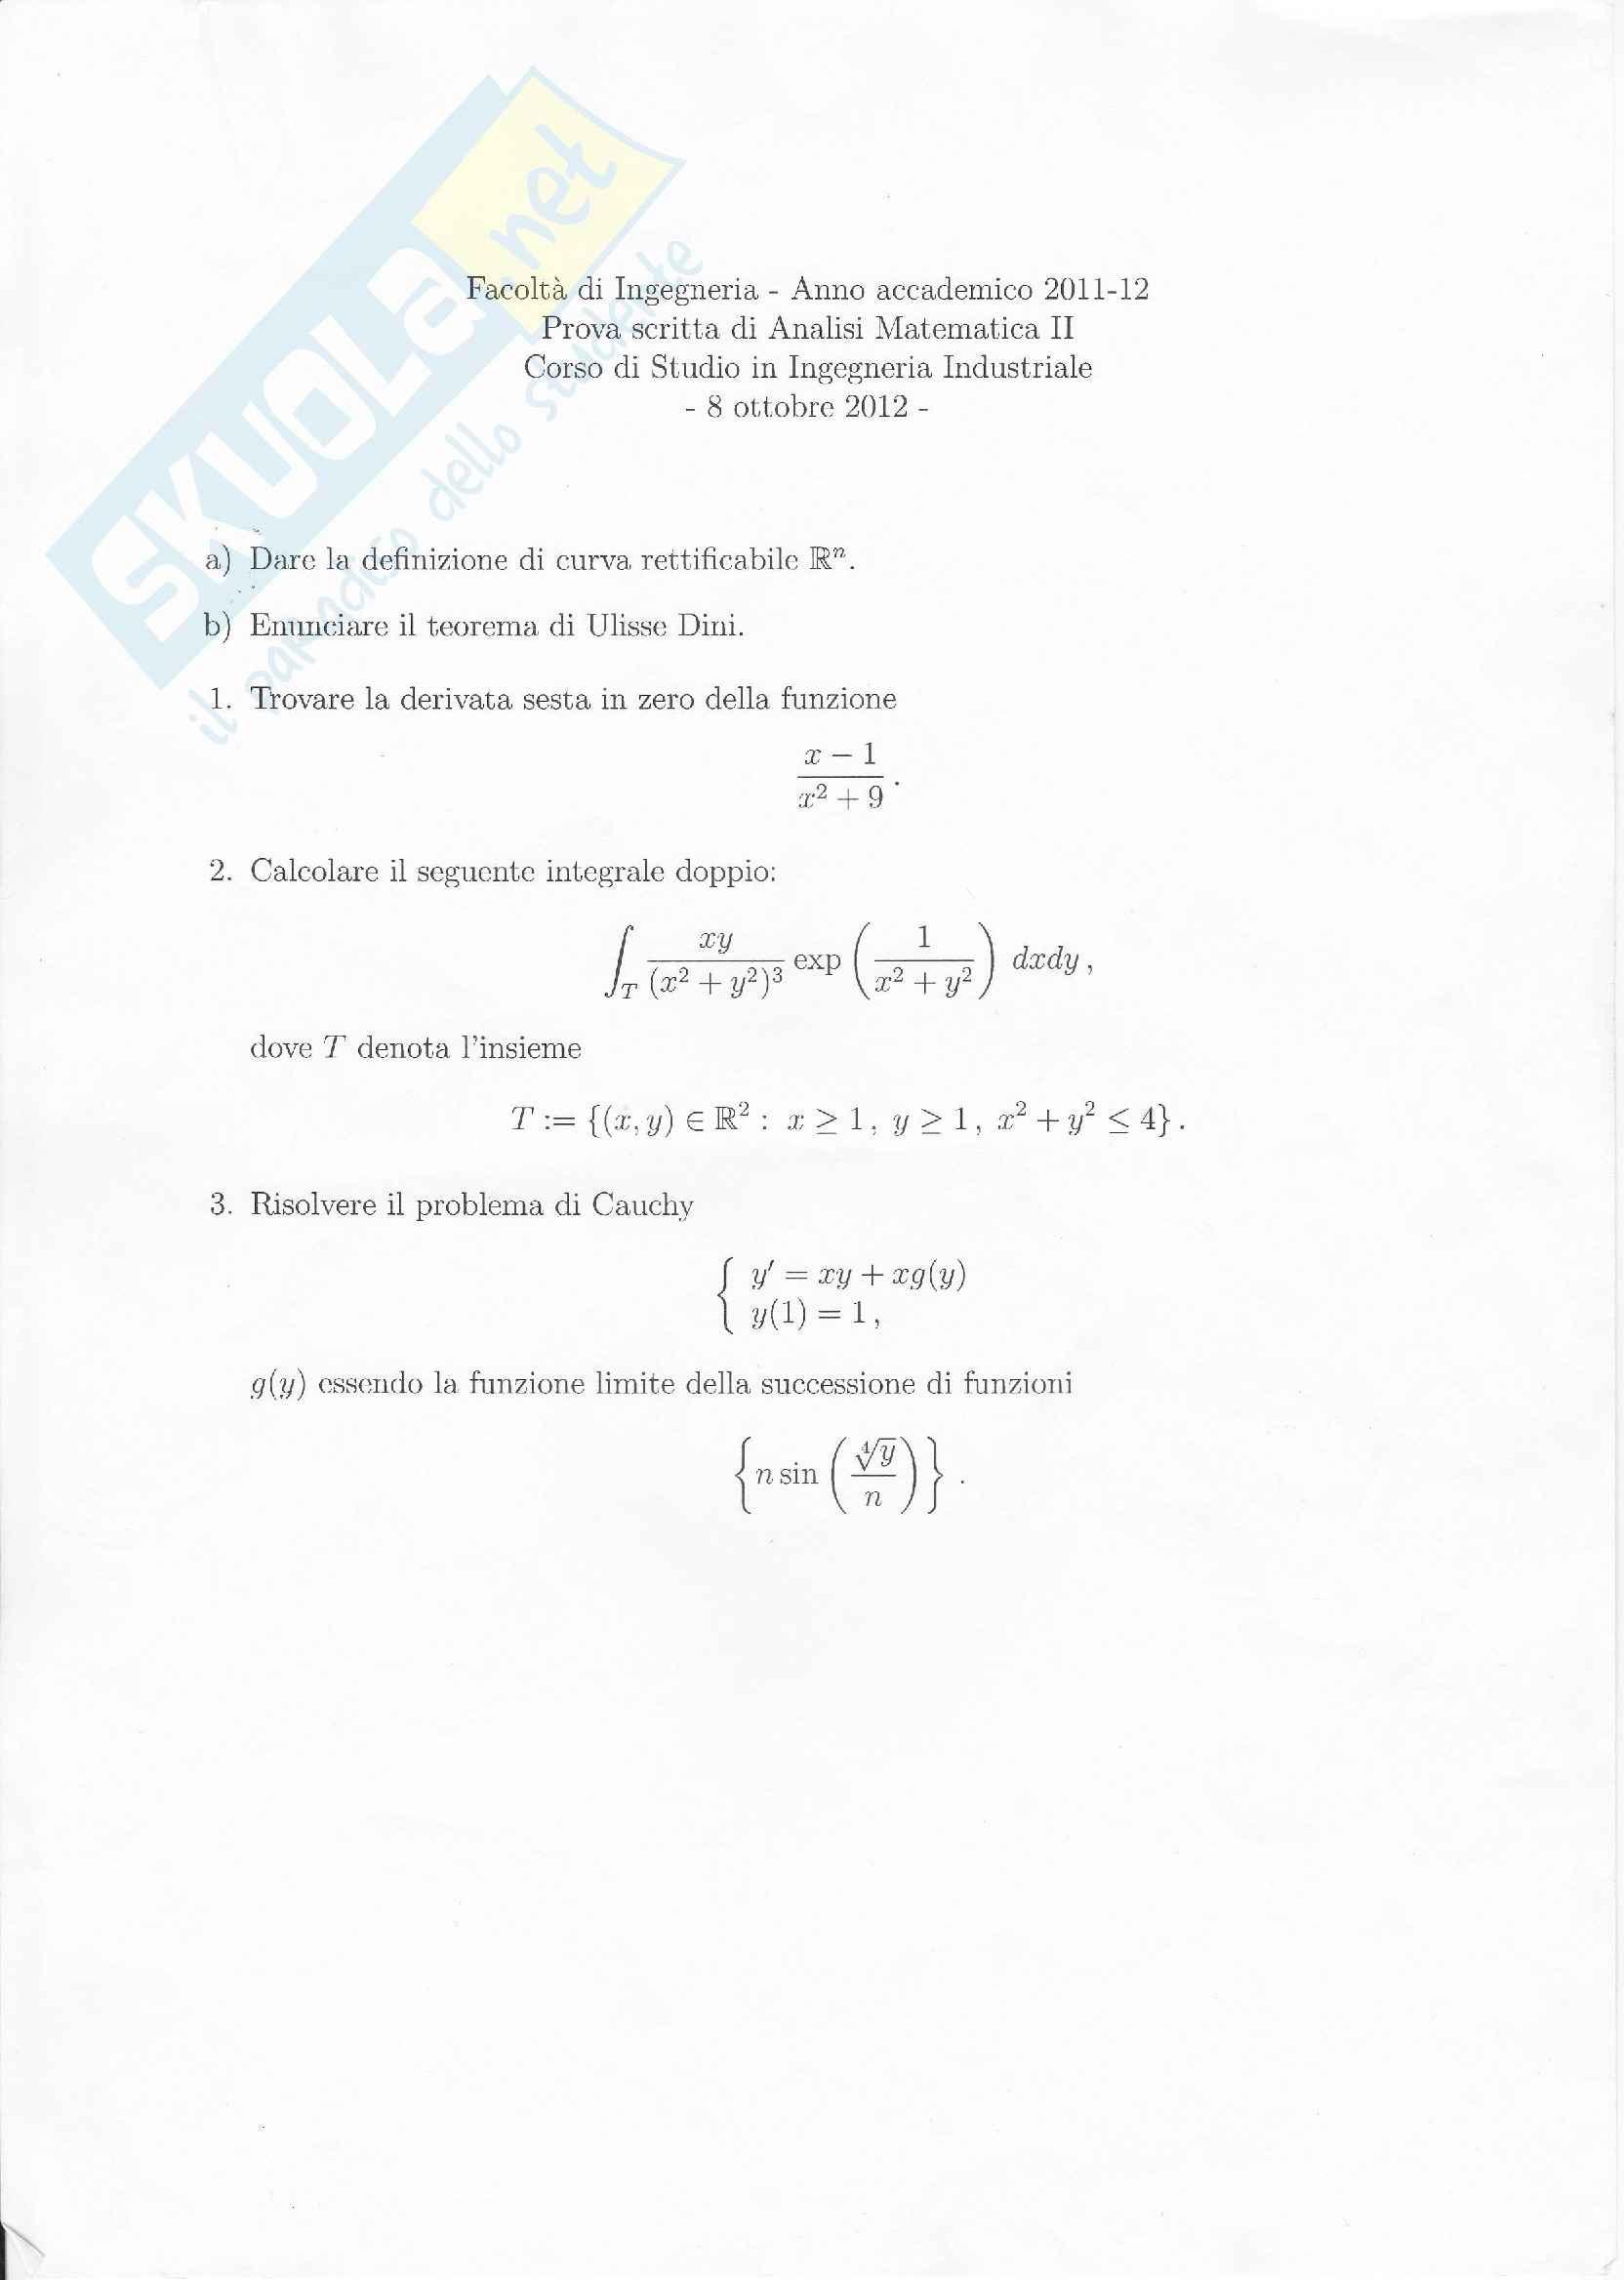 Analisi matematica 2 - l'integrale doppio